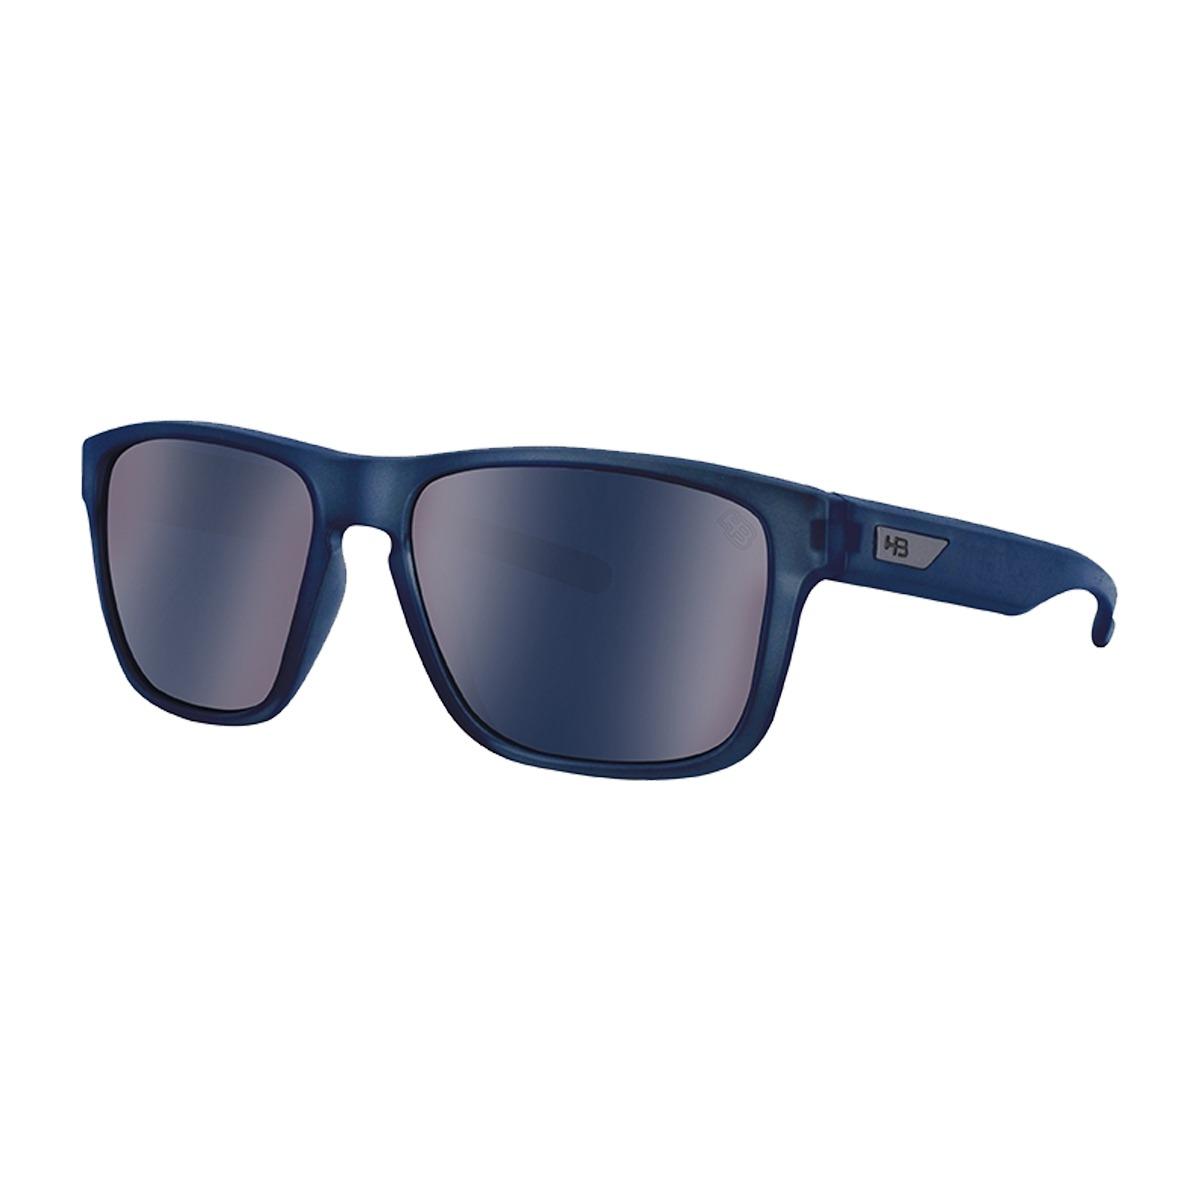 Óculos De Sol Hb H-bomb Matte Ultramarine Blue Chrome - R  239,00 em ... 61d191944d